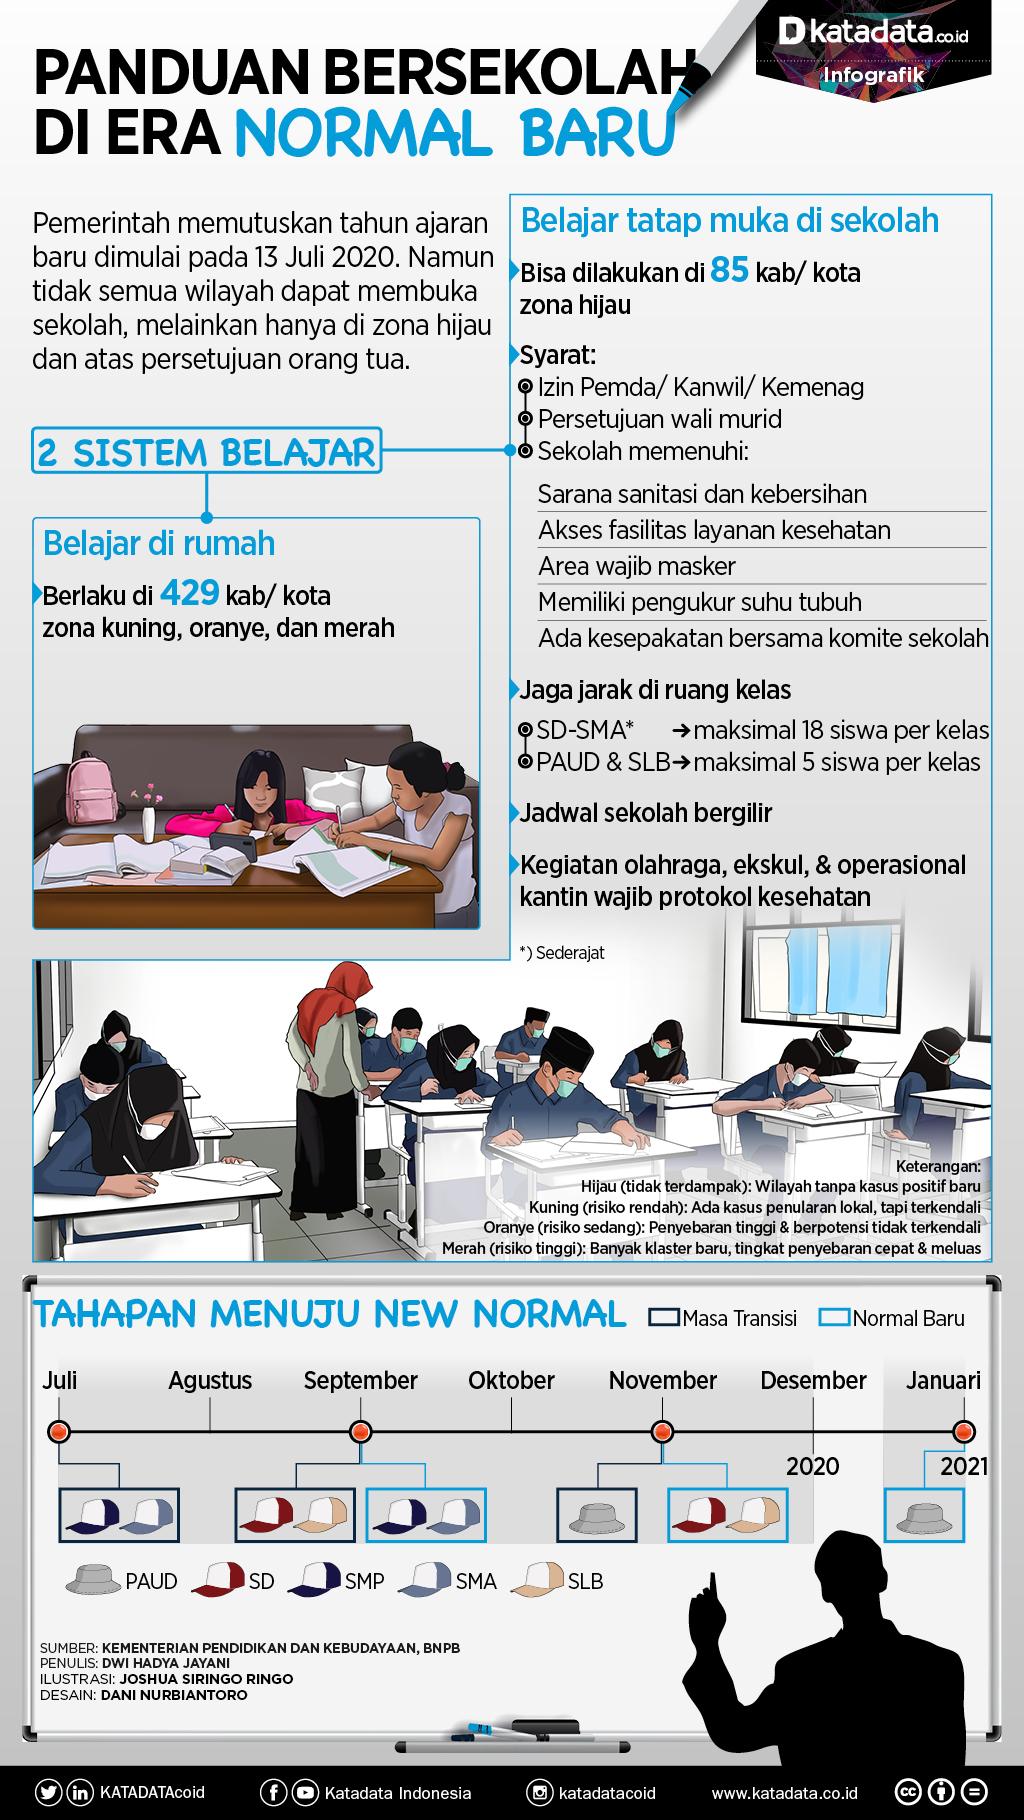 Panduan bersekolah di era normal baru